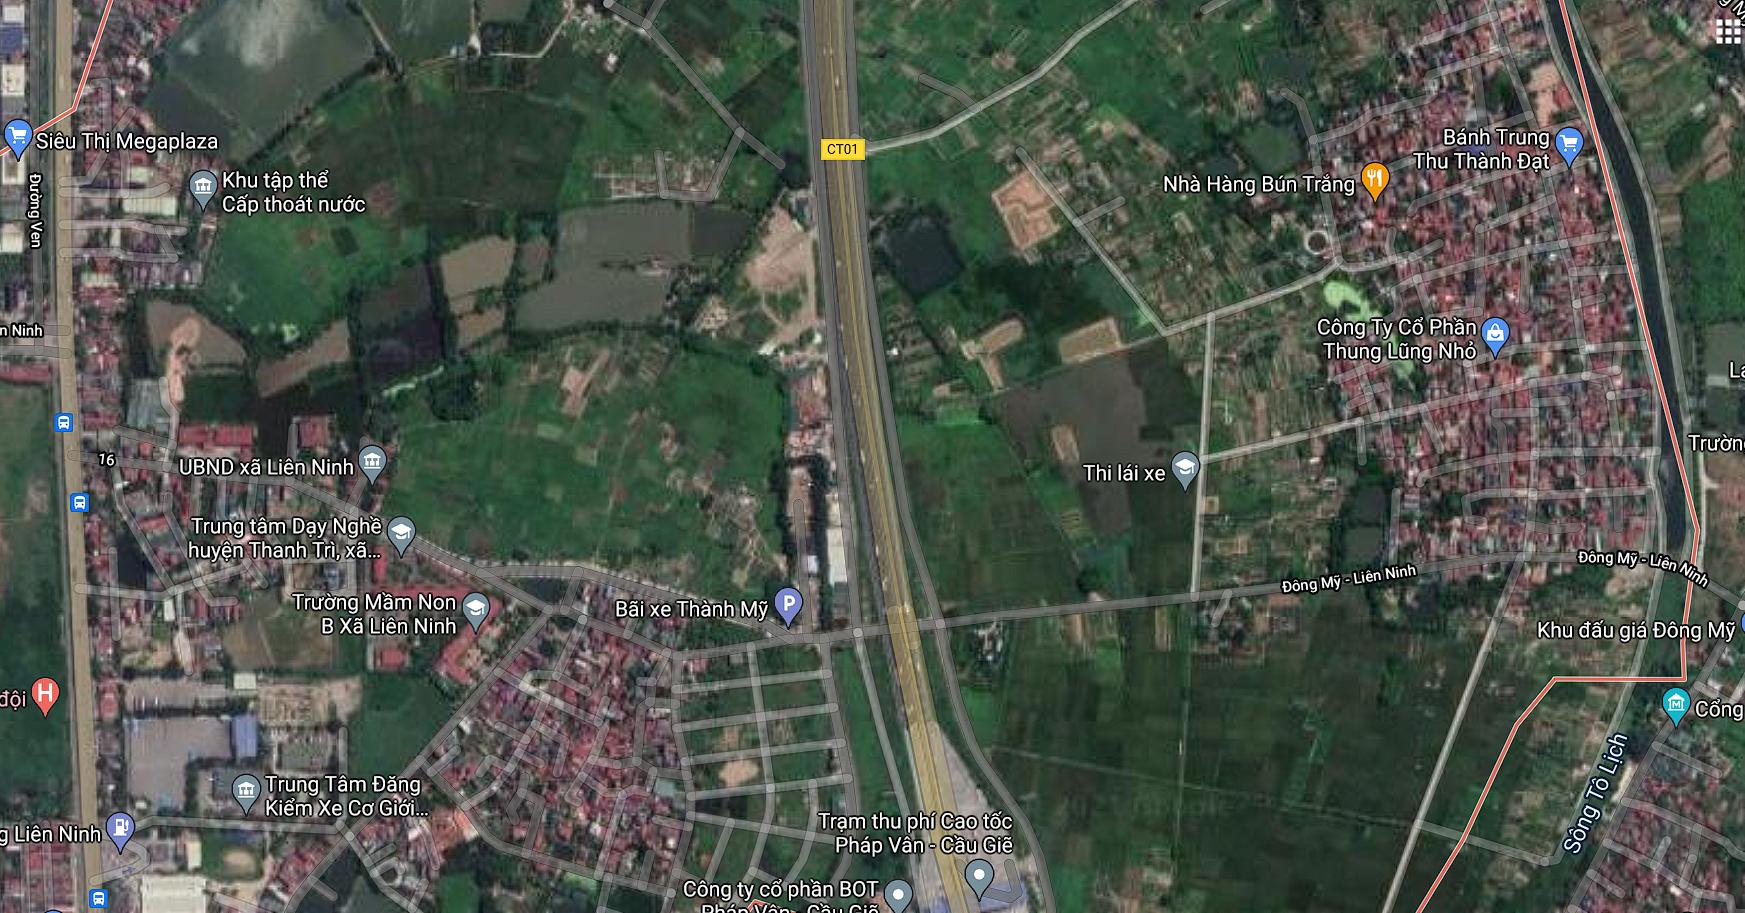 Đường sẽ mở ở xã Liên Ninh, Thanh Trì, Hà Nội - Ảnh 2.